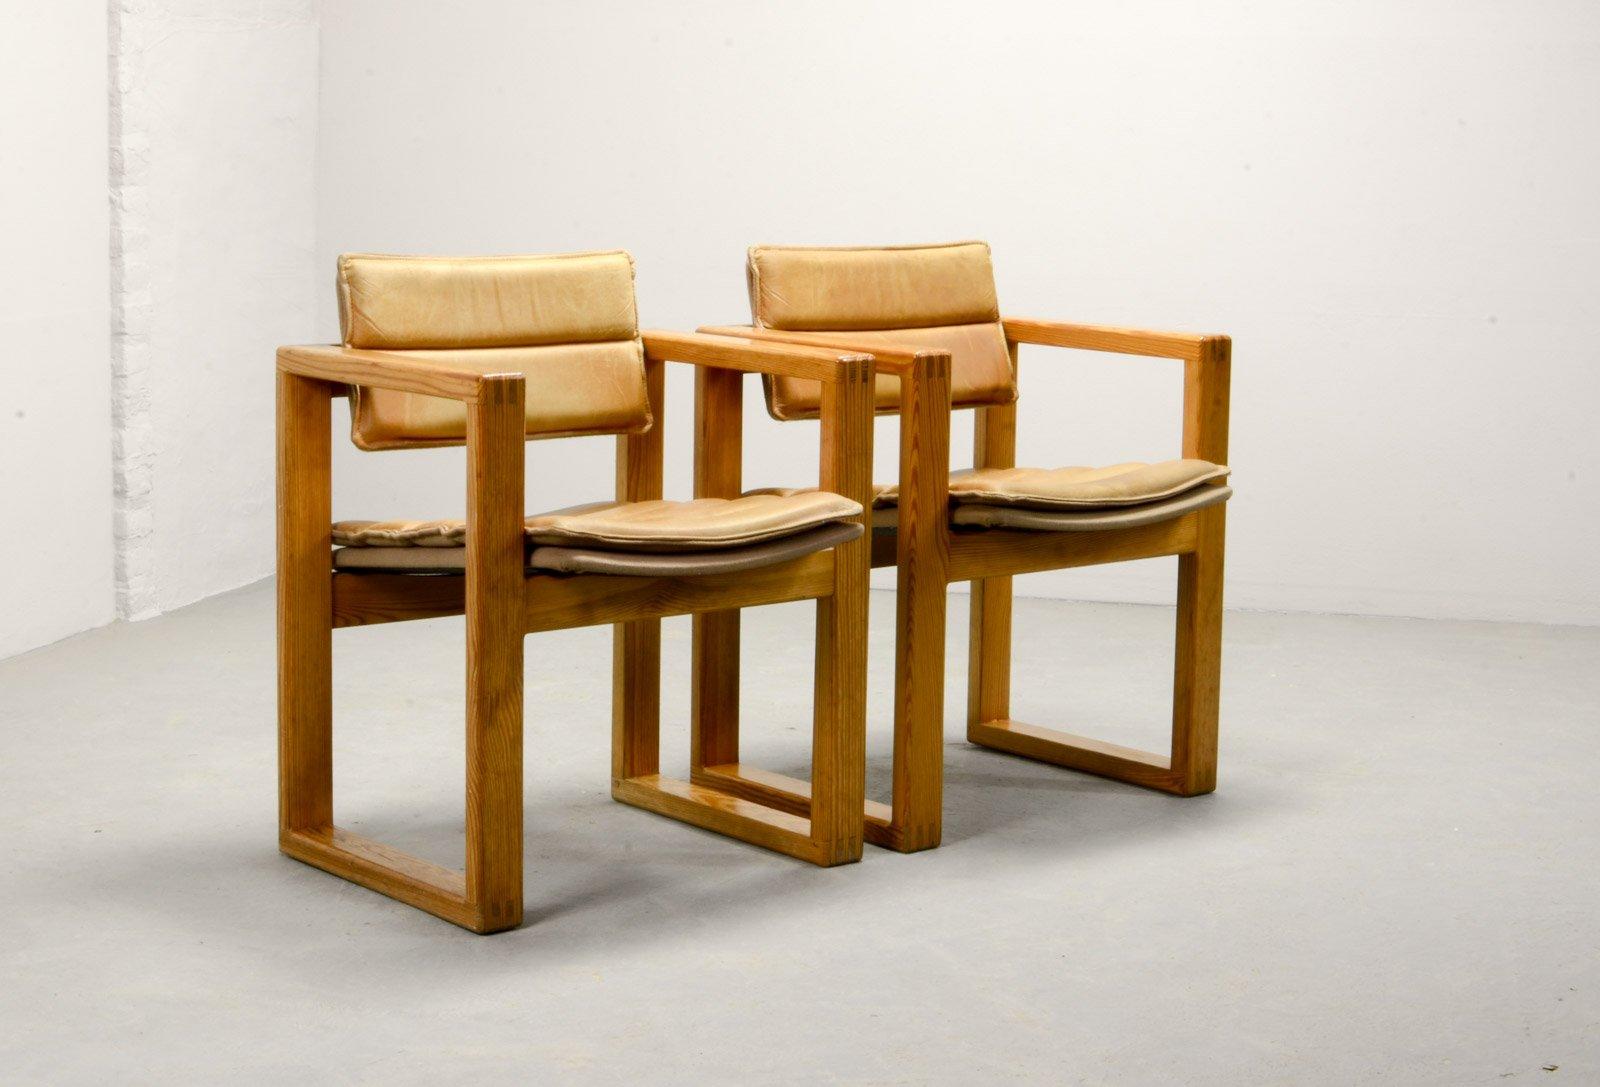 sofa for van singapore cushion covers online side chairs by ate apeldoorn houtwerk hattem